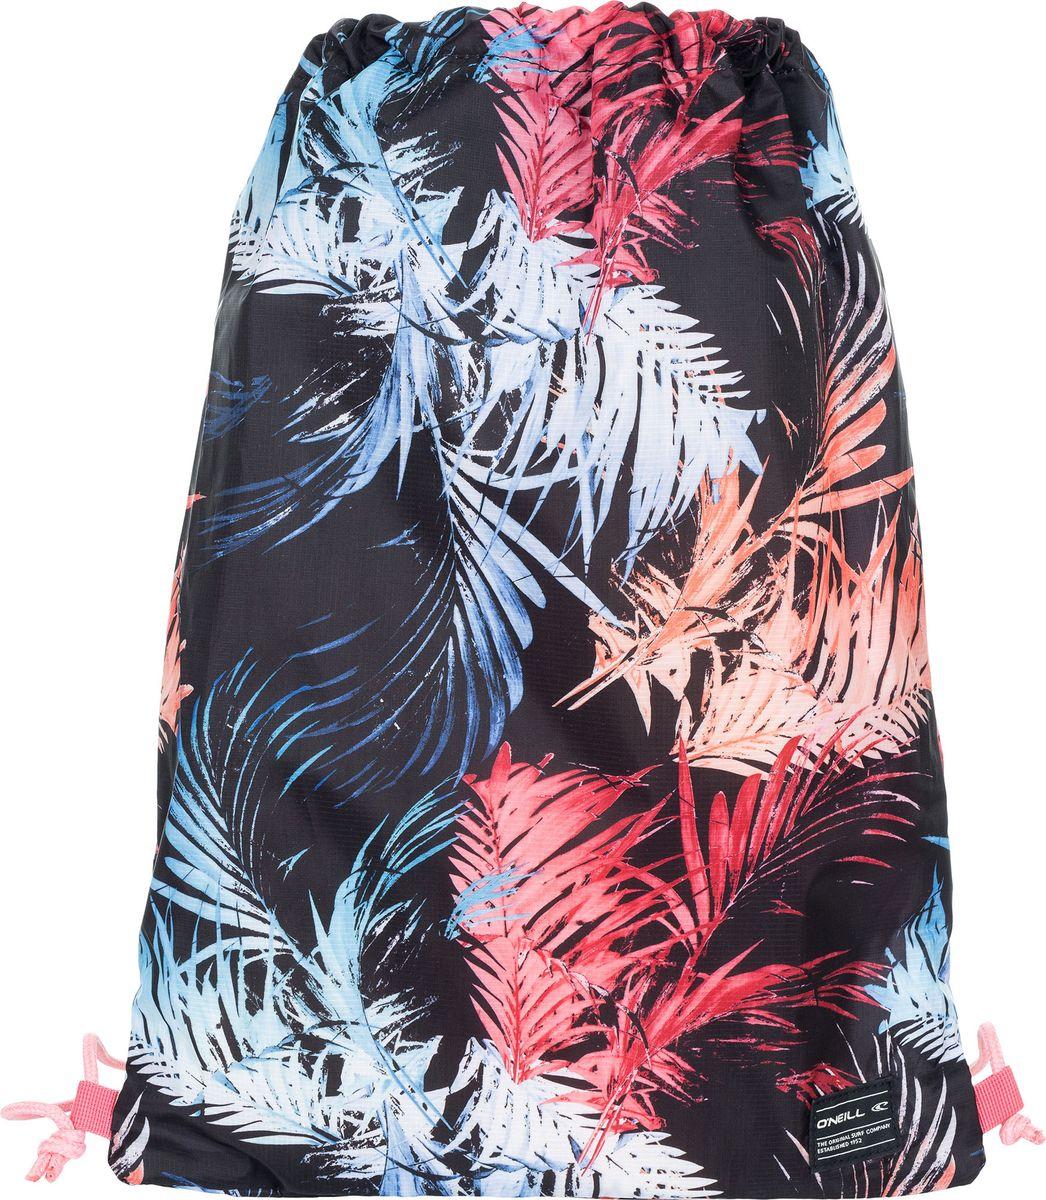 Рюкзак для обуви мужской O'Neill Bm Photoprint Gymsack Листья, цвет: мультиколор. 8A4017-9940 рюкзак мешок nike fb gymsack 3 0 ba5094 435